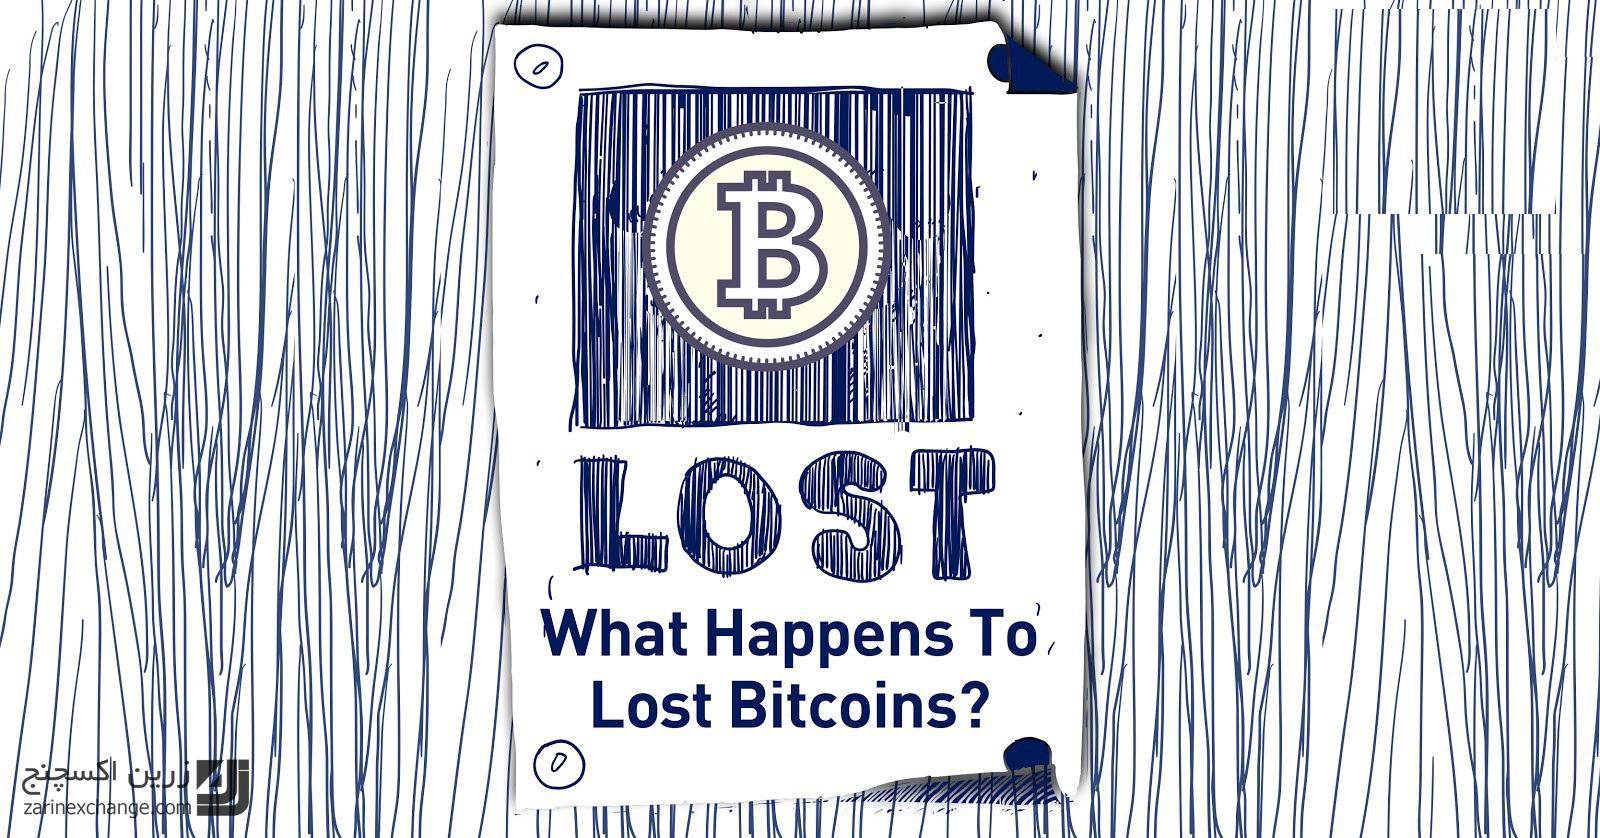 چه بر سر بیت کوین های گم شده میآید ؟ امکان بازیابی آن ها وجود دارد؟